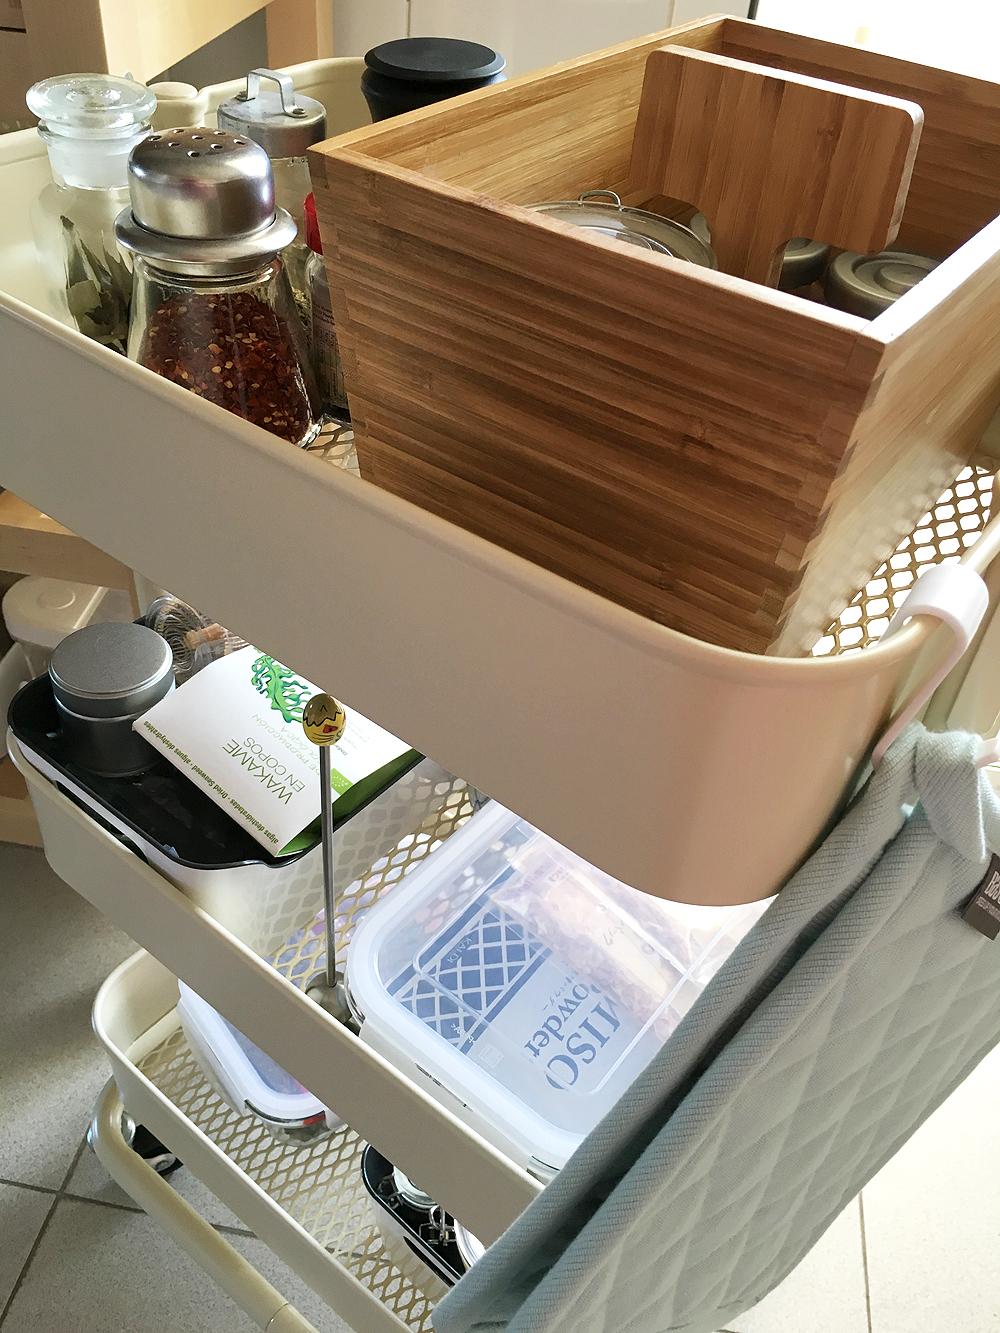 Ikea cocinas – No es magia. Es orden. #TodoEnOrden - Blog tienda ...